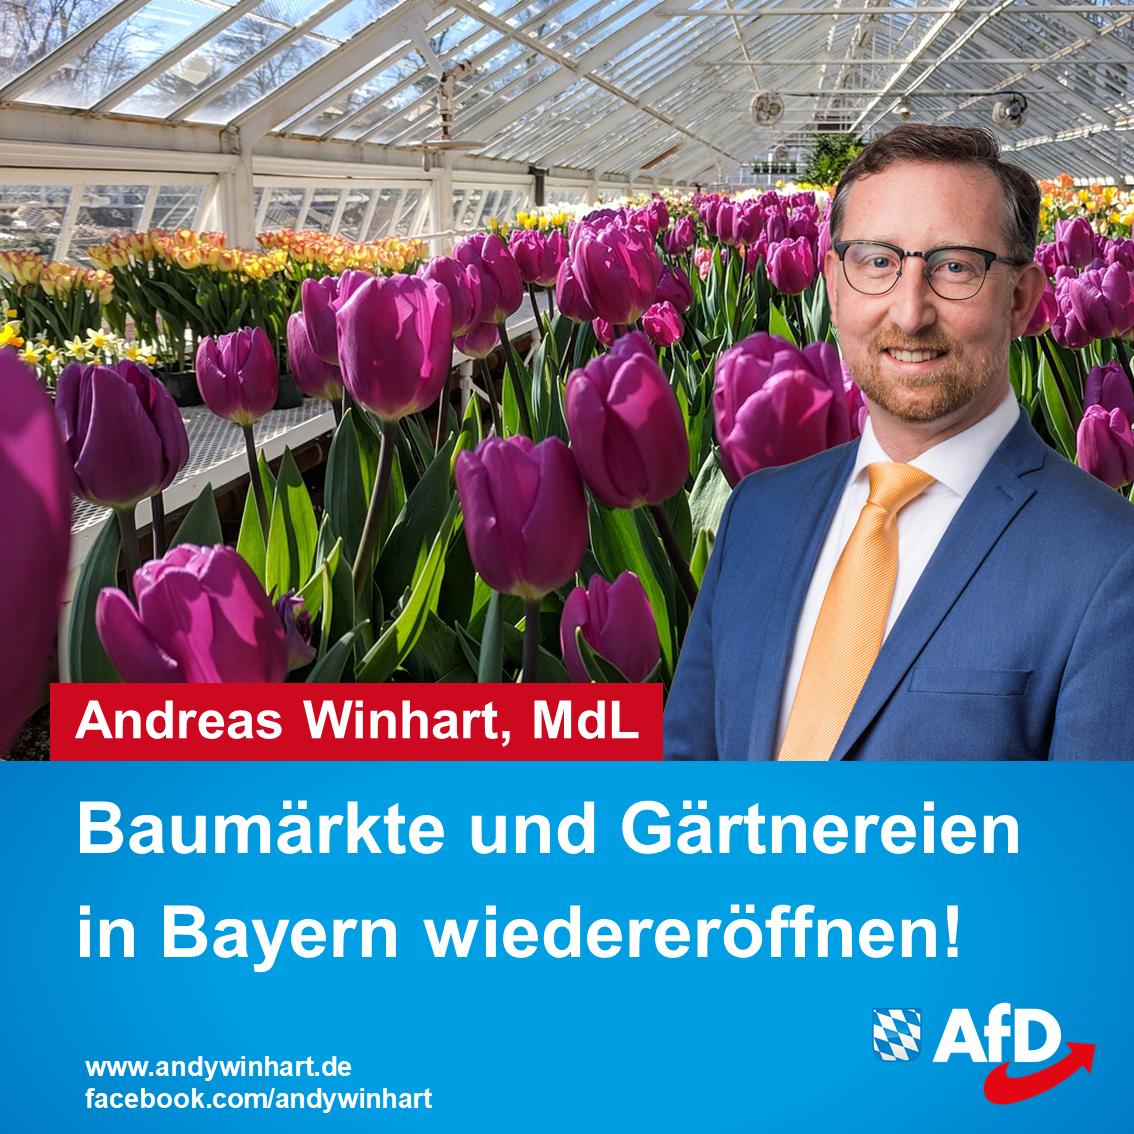 Baumärkte und Gärtnereien in Bayern wiedereröffnen